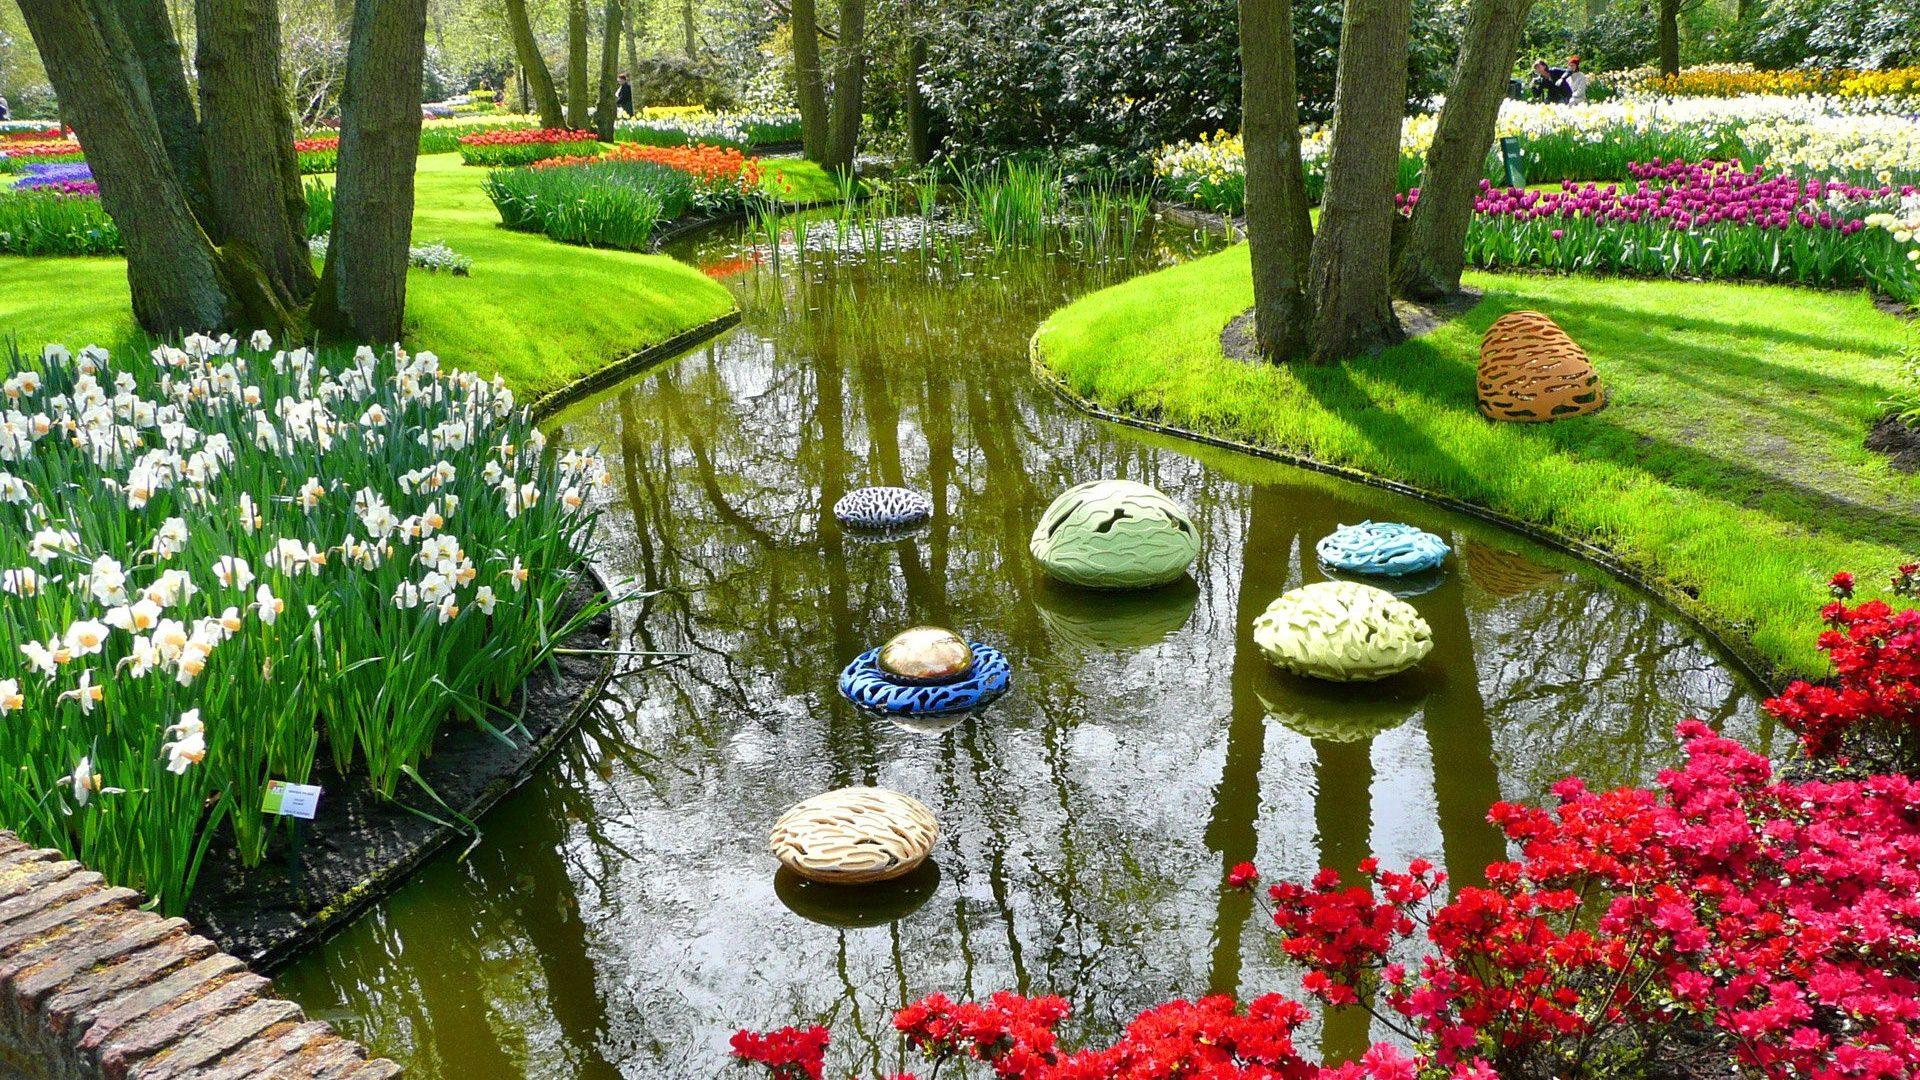 River of Flowers, Keukenhof